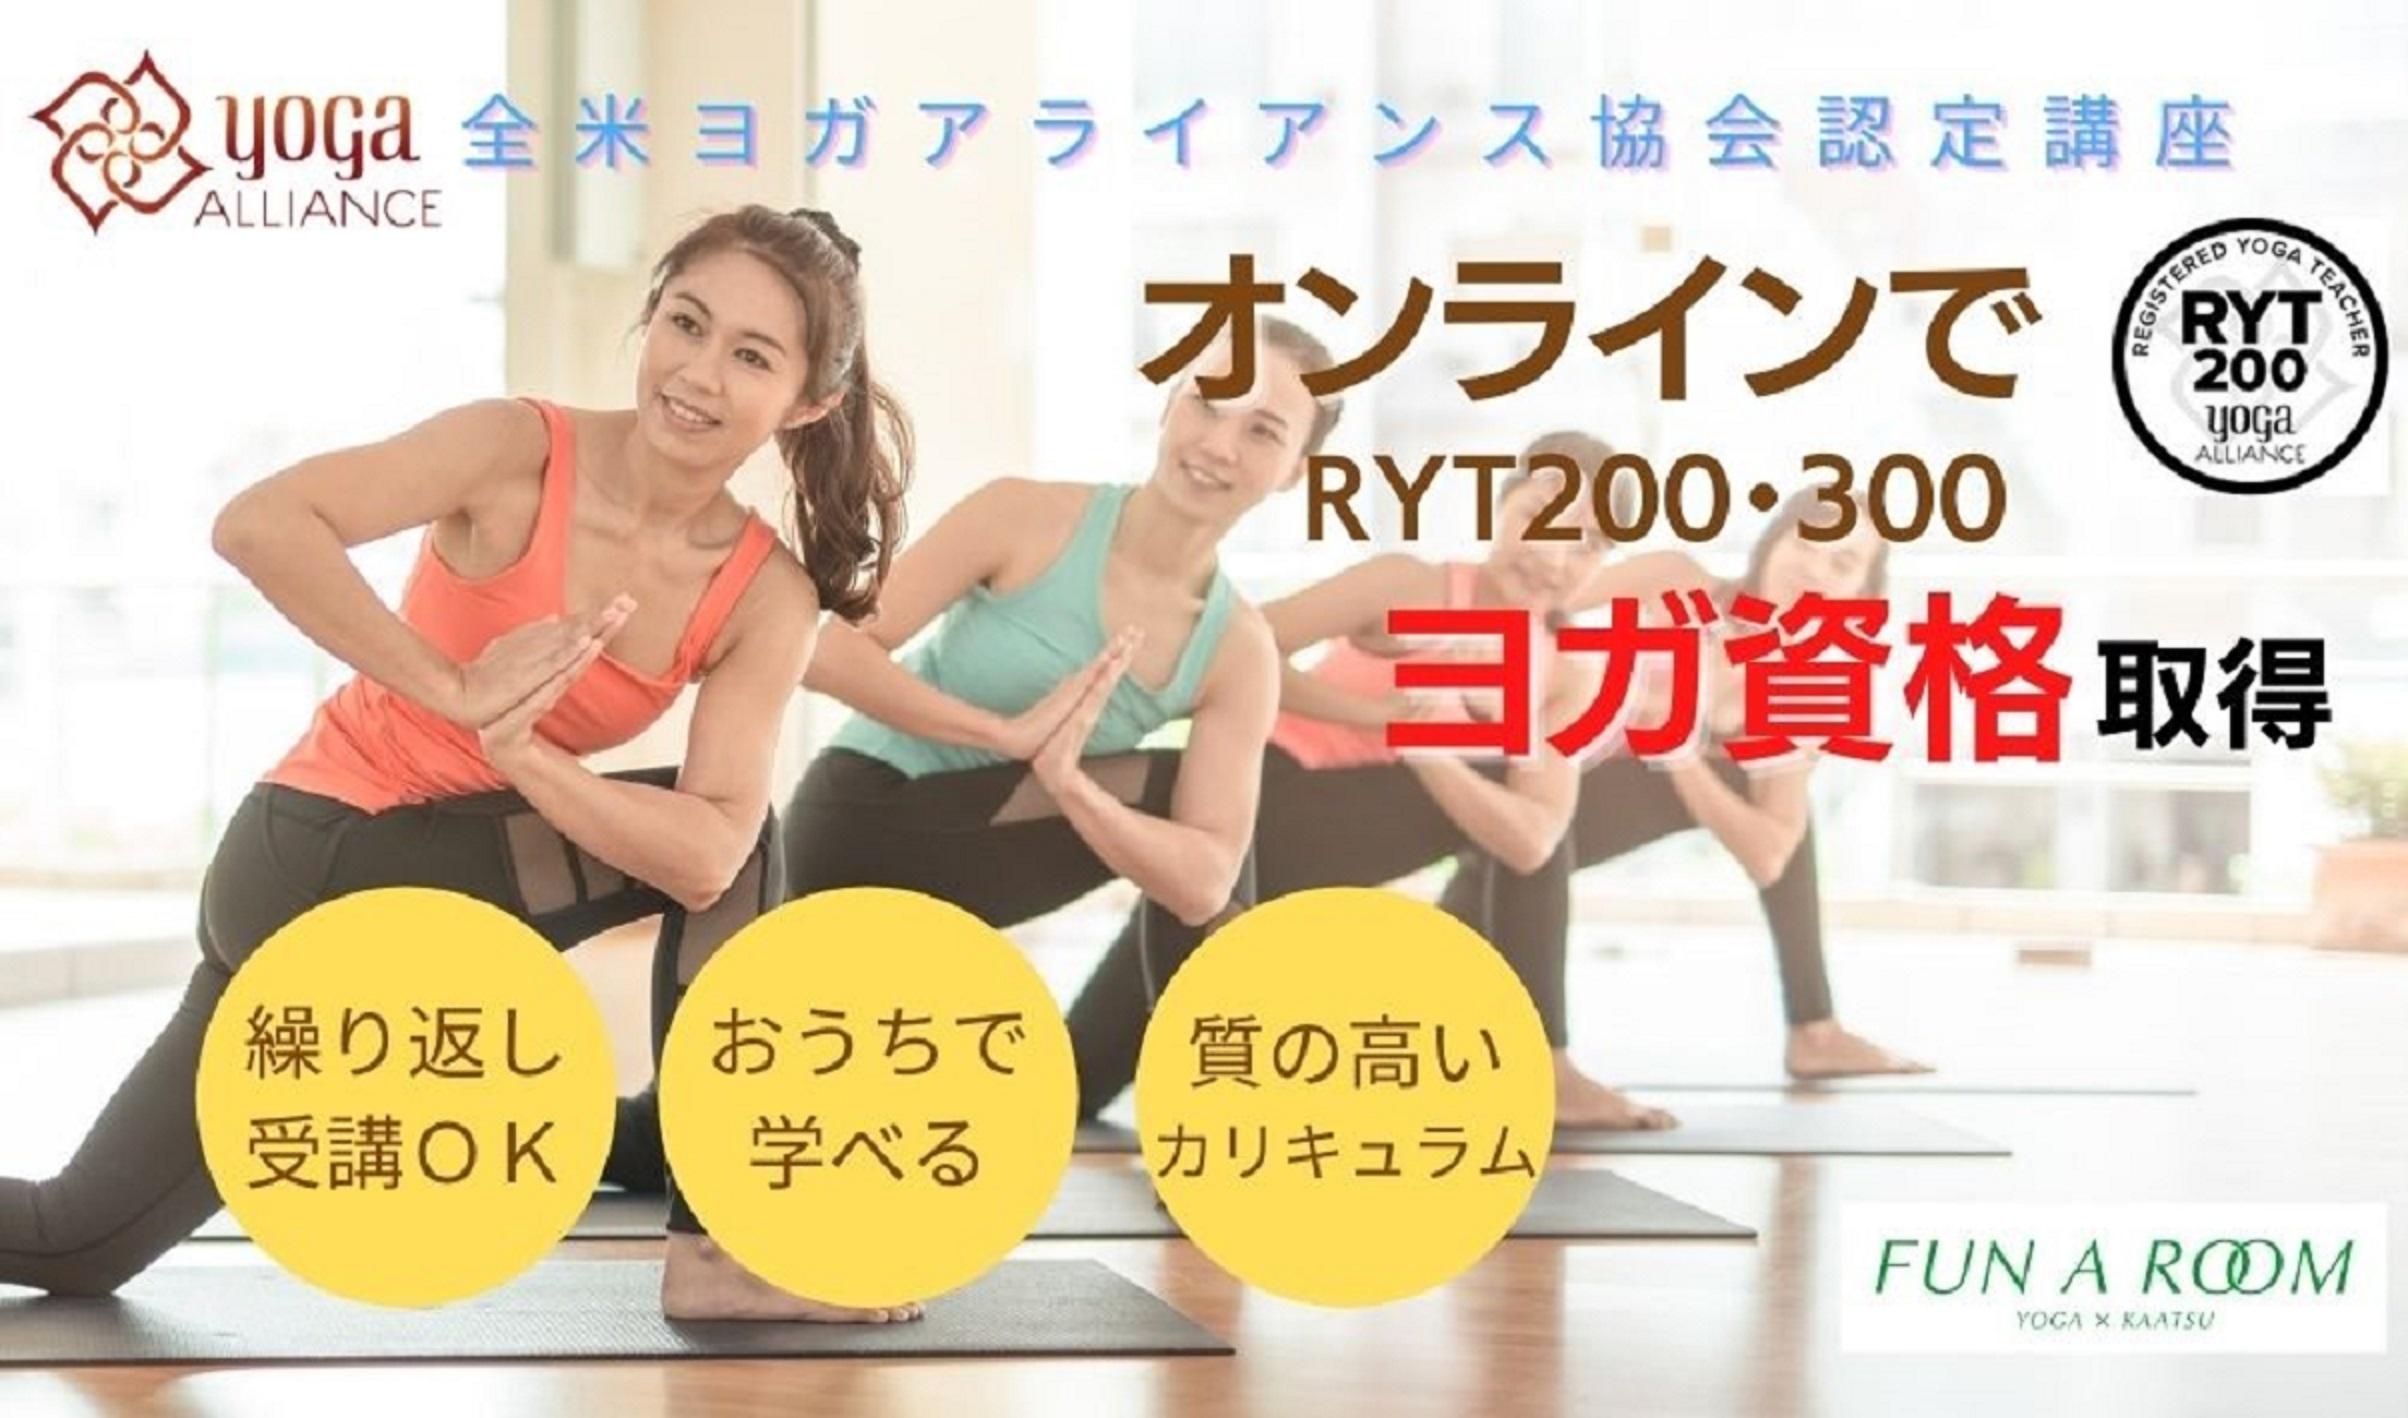 200TT宣伝チラシ 2020年バージョン 大